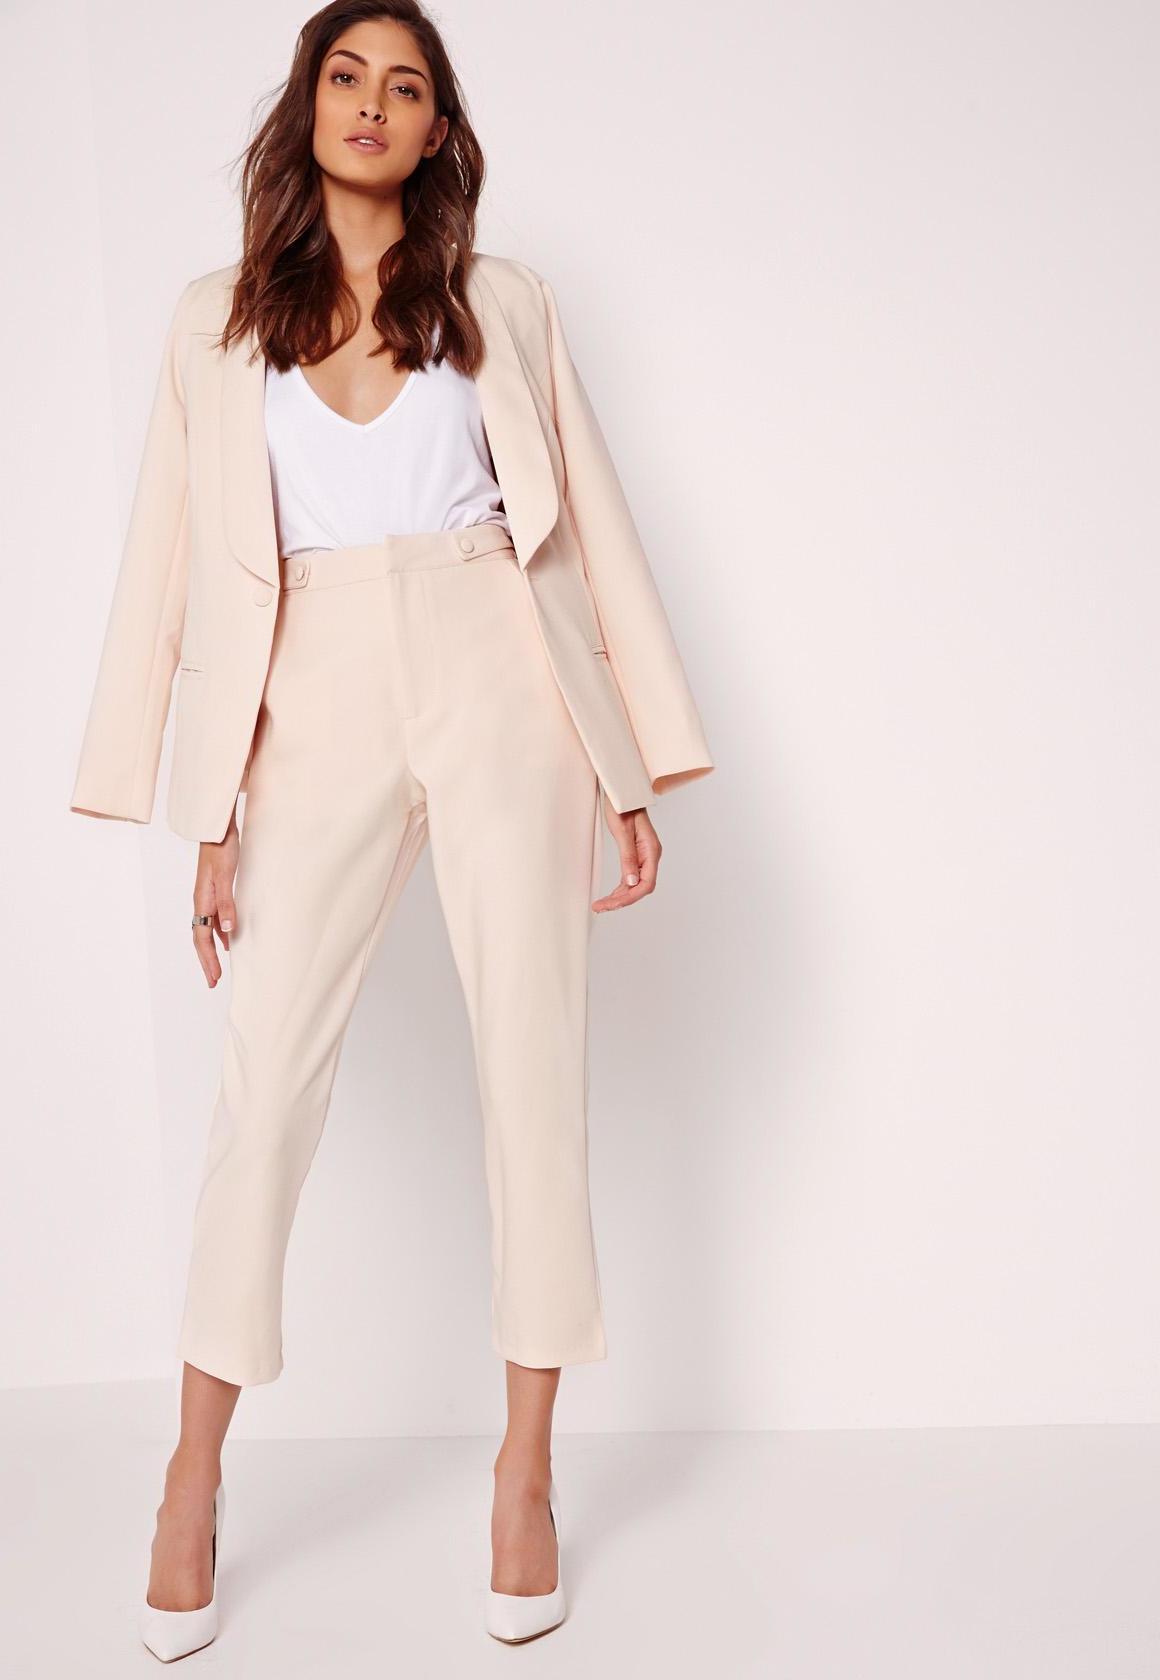 Weiblich und sanft - Smart Casual Outfit